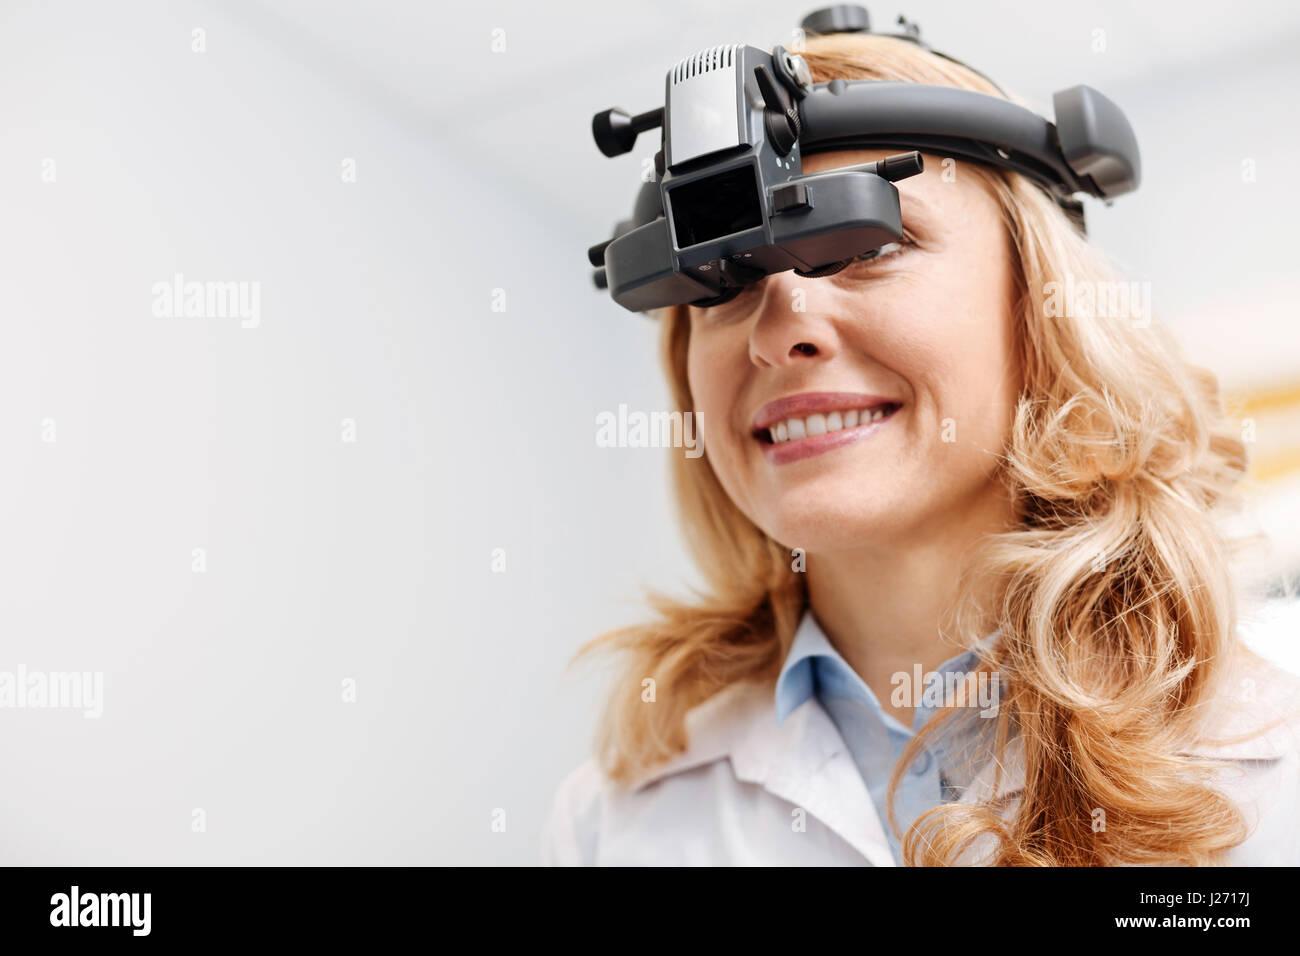 Sehr engagierte prominente Spezialisten tragen Ophthalmoskop Stockbild